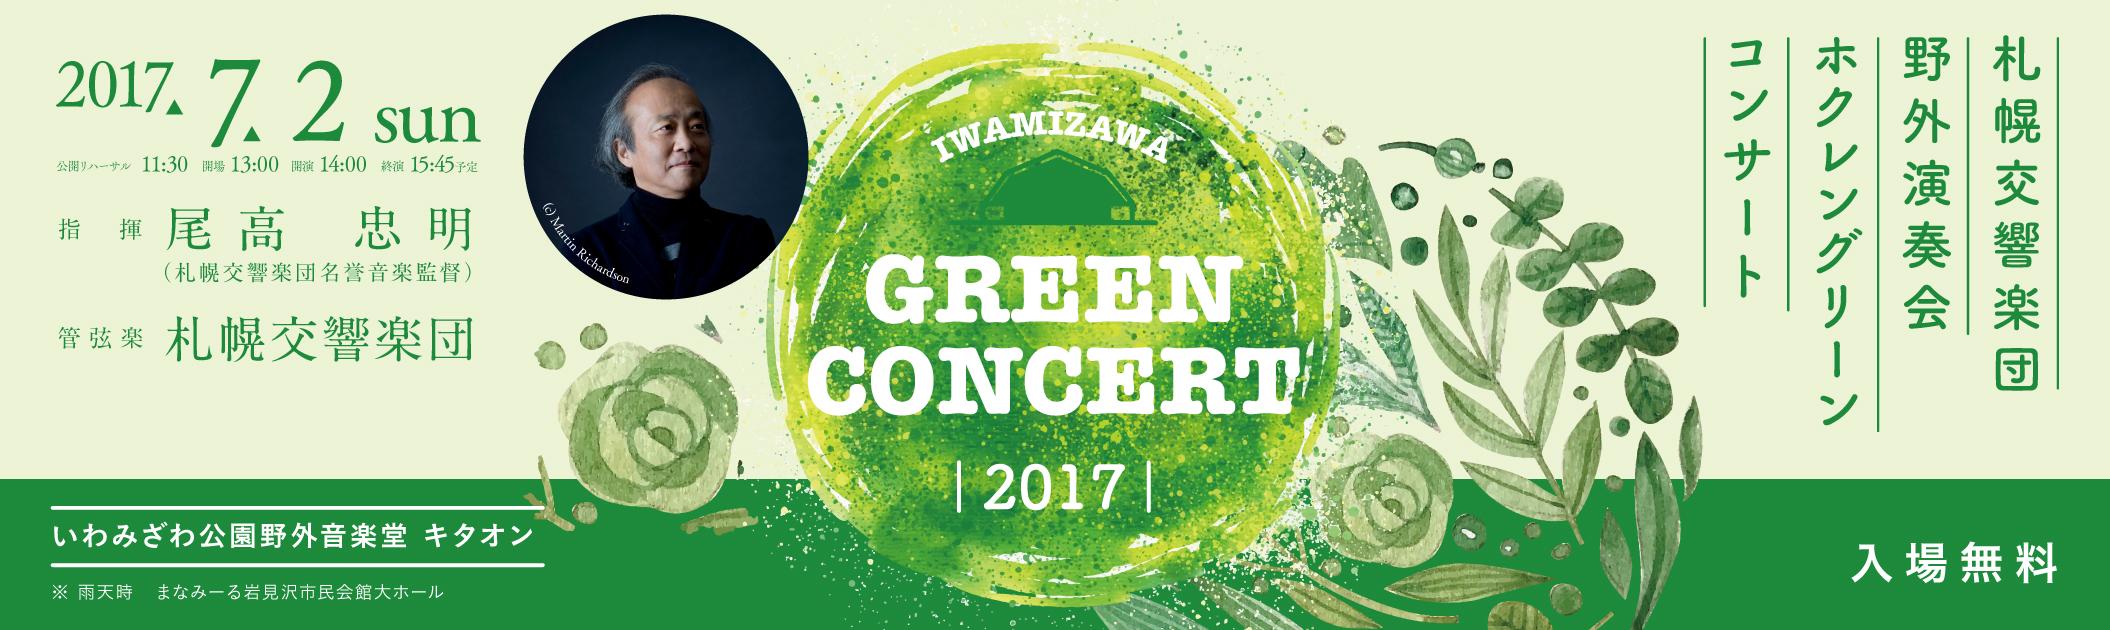 札幌交響楽団野外演奏会ホクレングリーンコンサート2017